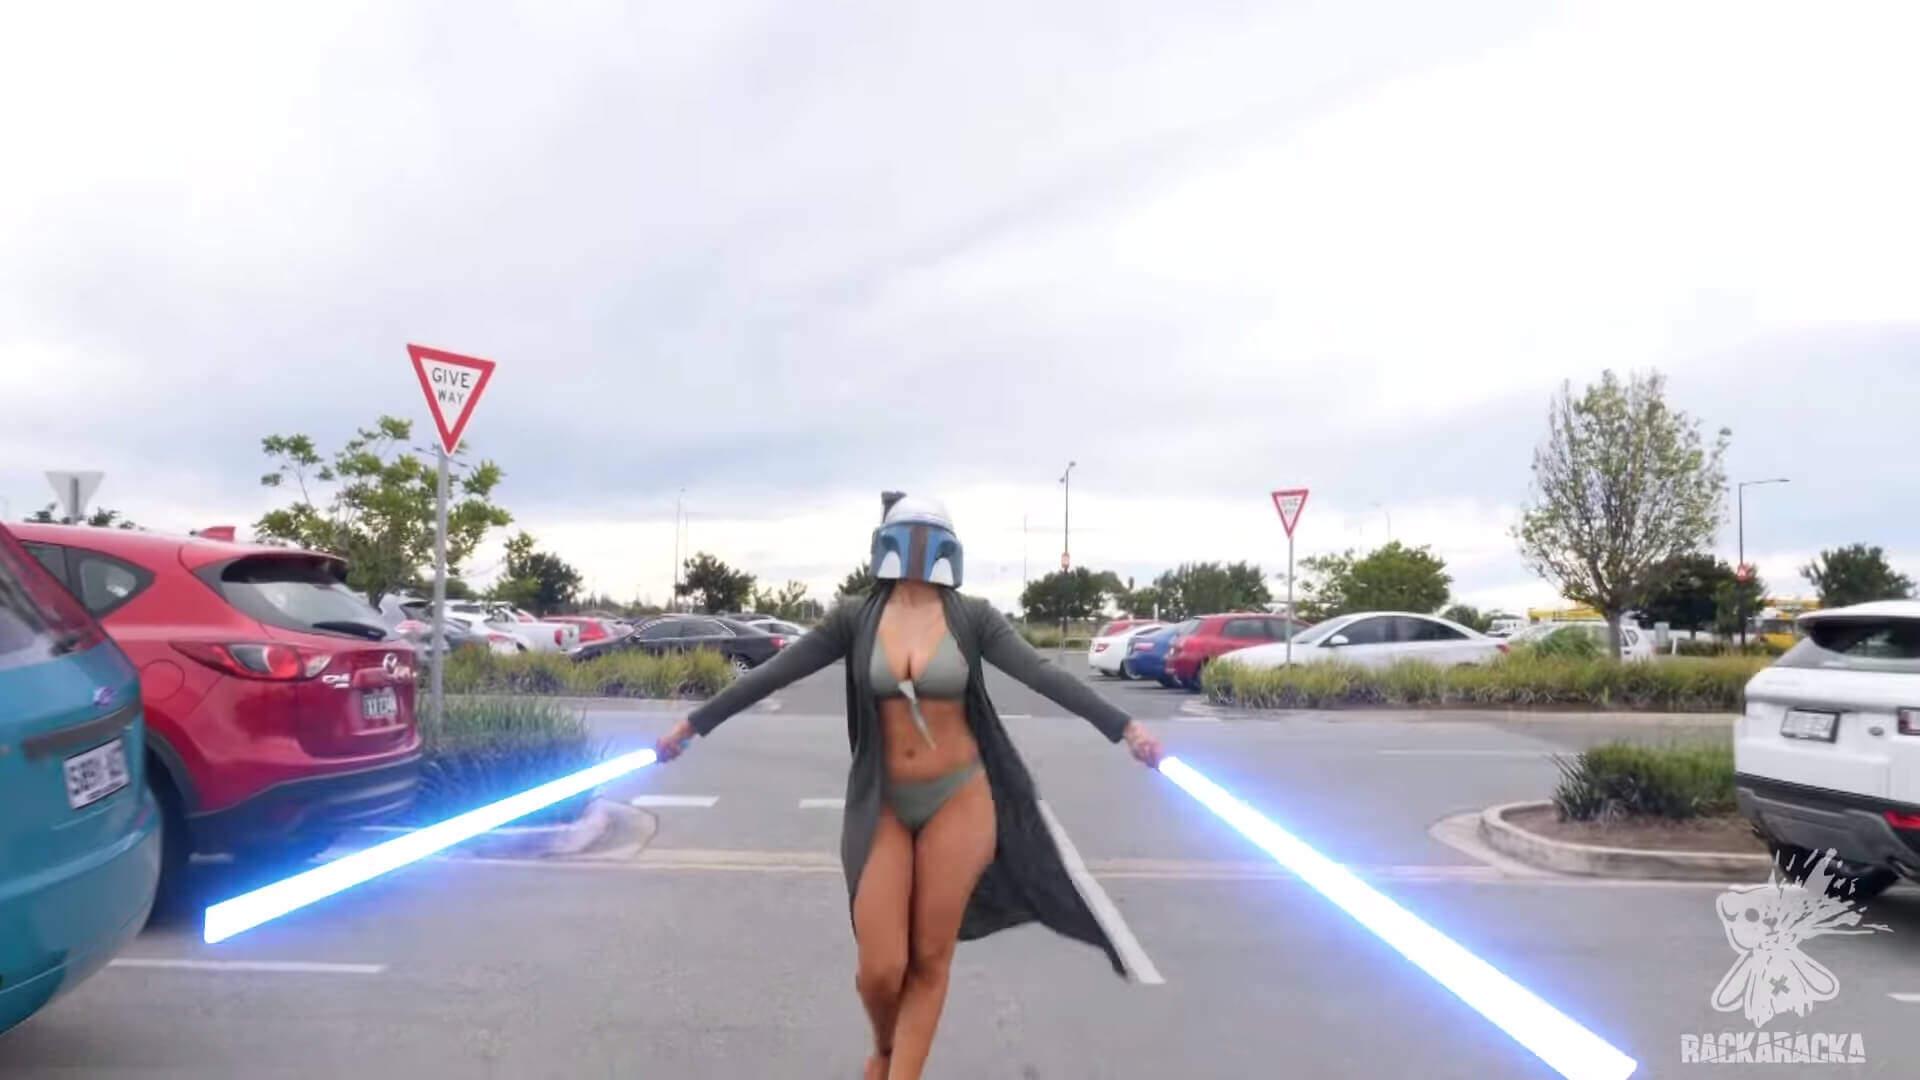 ライトセイバーの戦いをモールでやってみた(VFX)